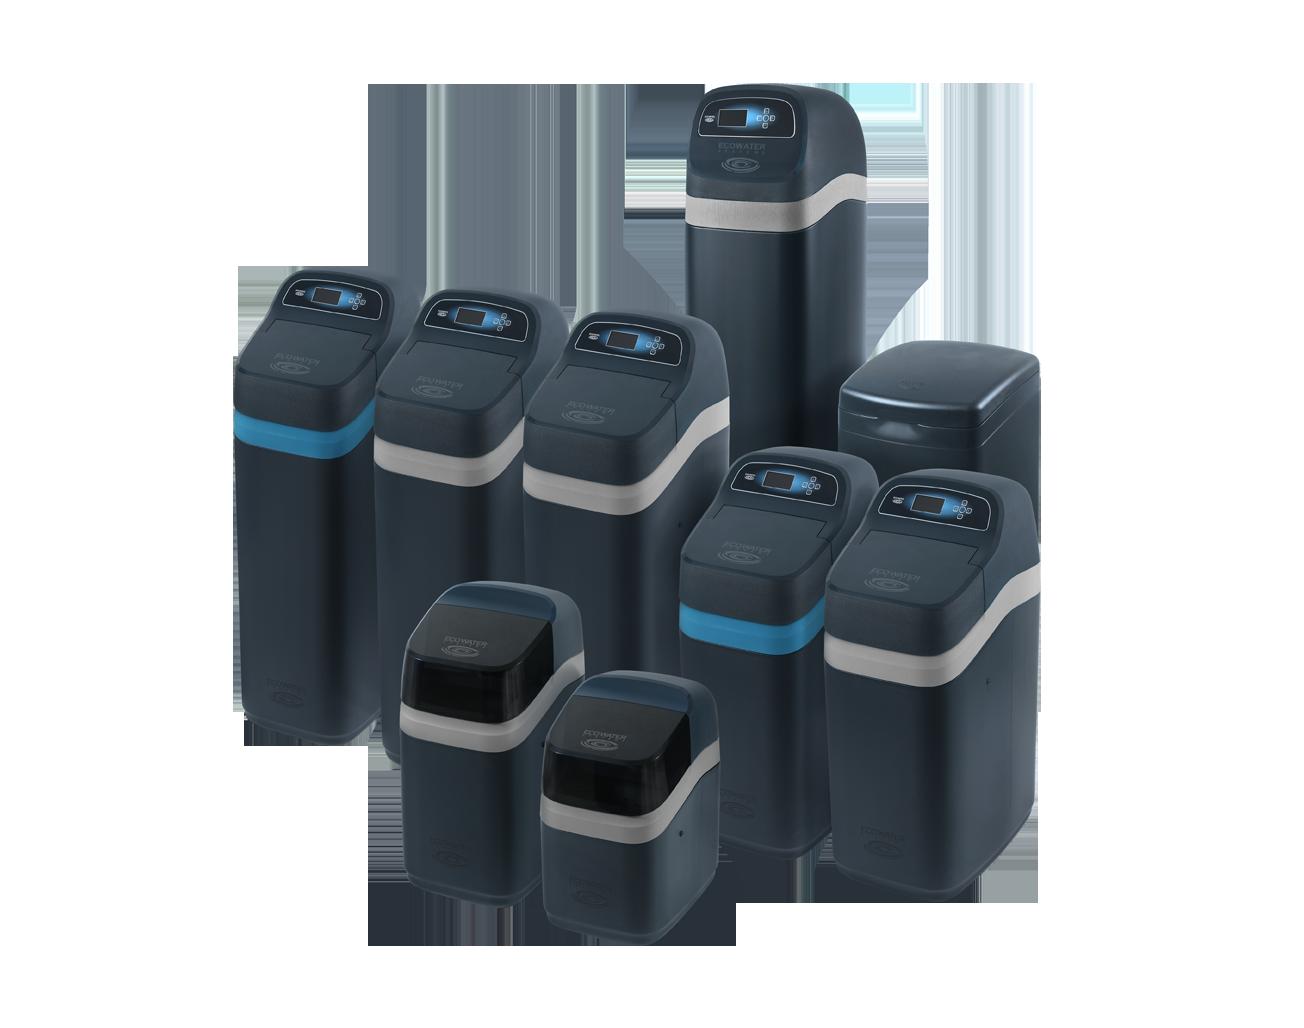 změkčovače vody a úpravny vody eVolution